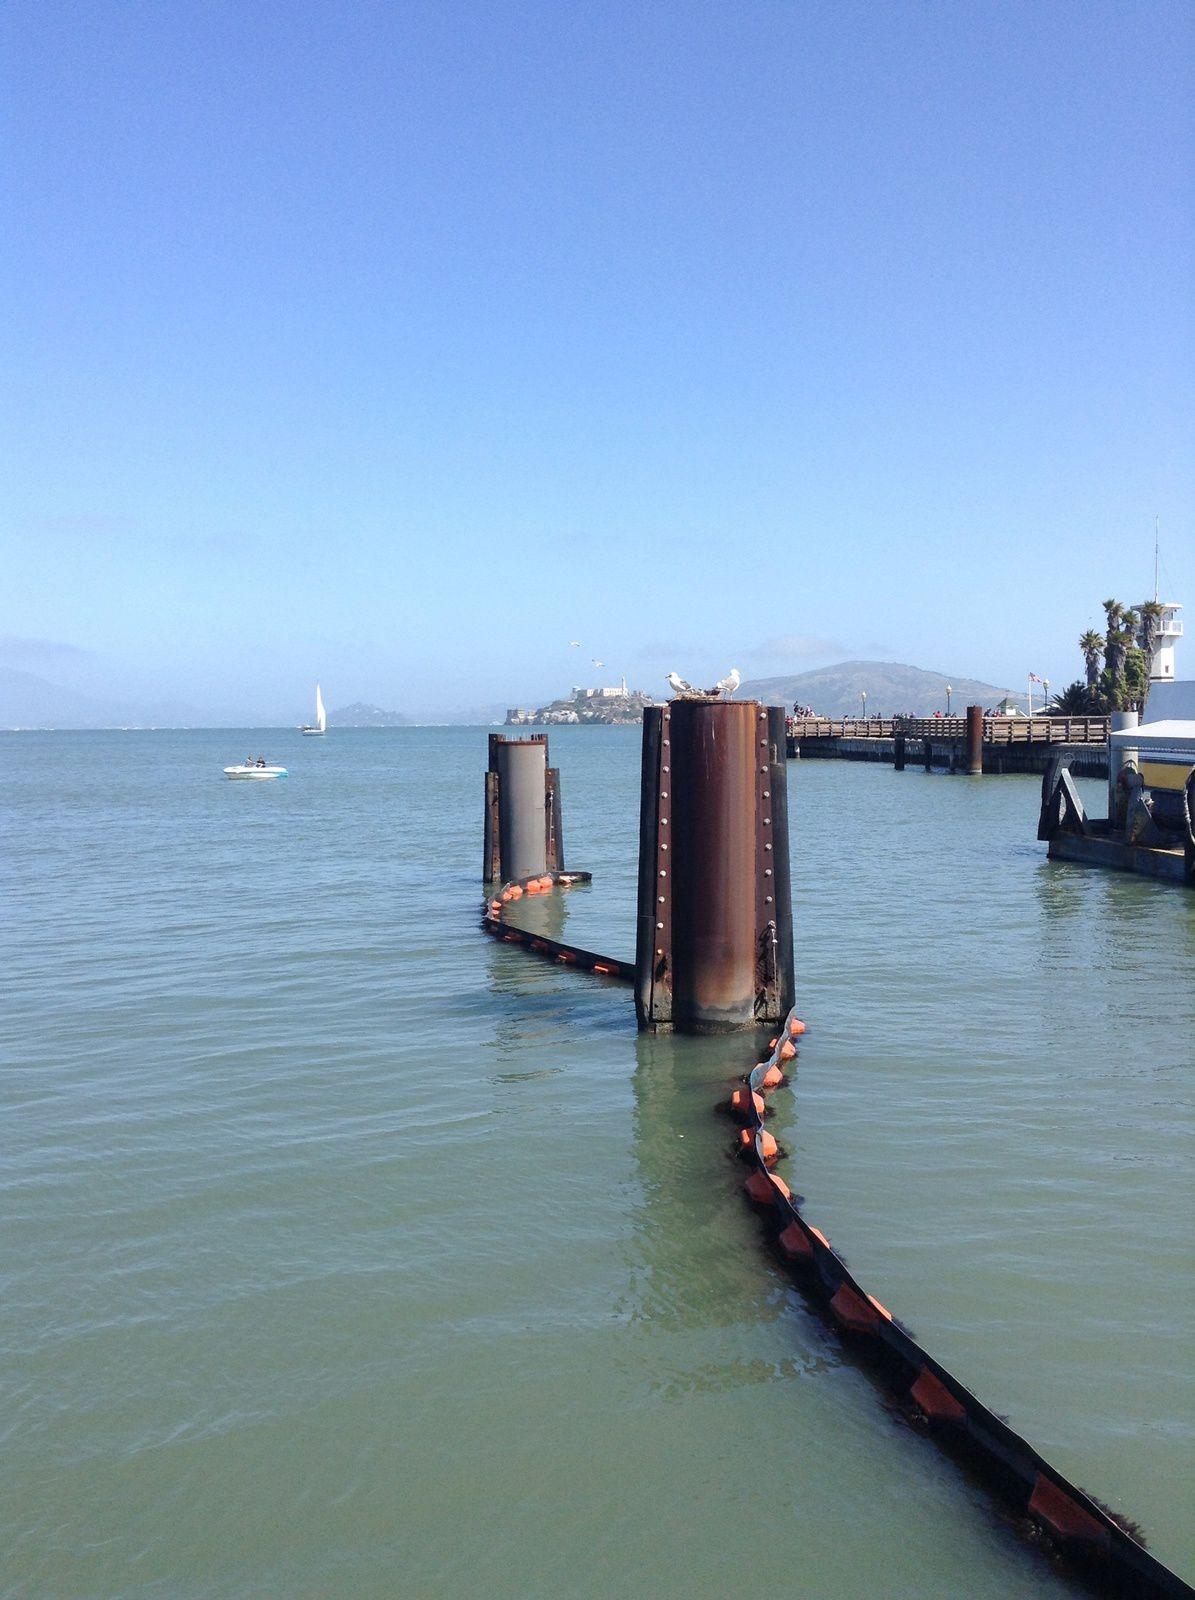 GBB, Muir Woods et Alcatraz